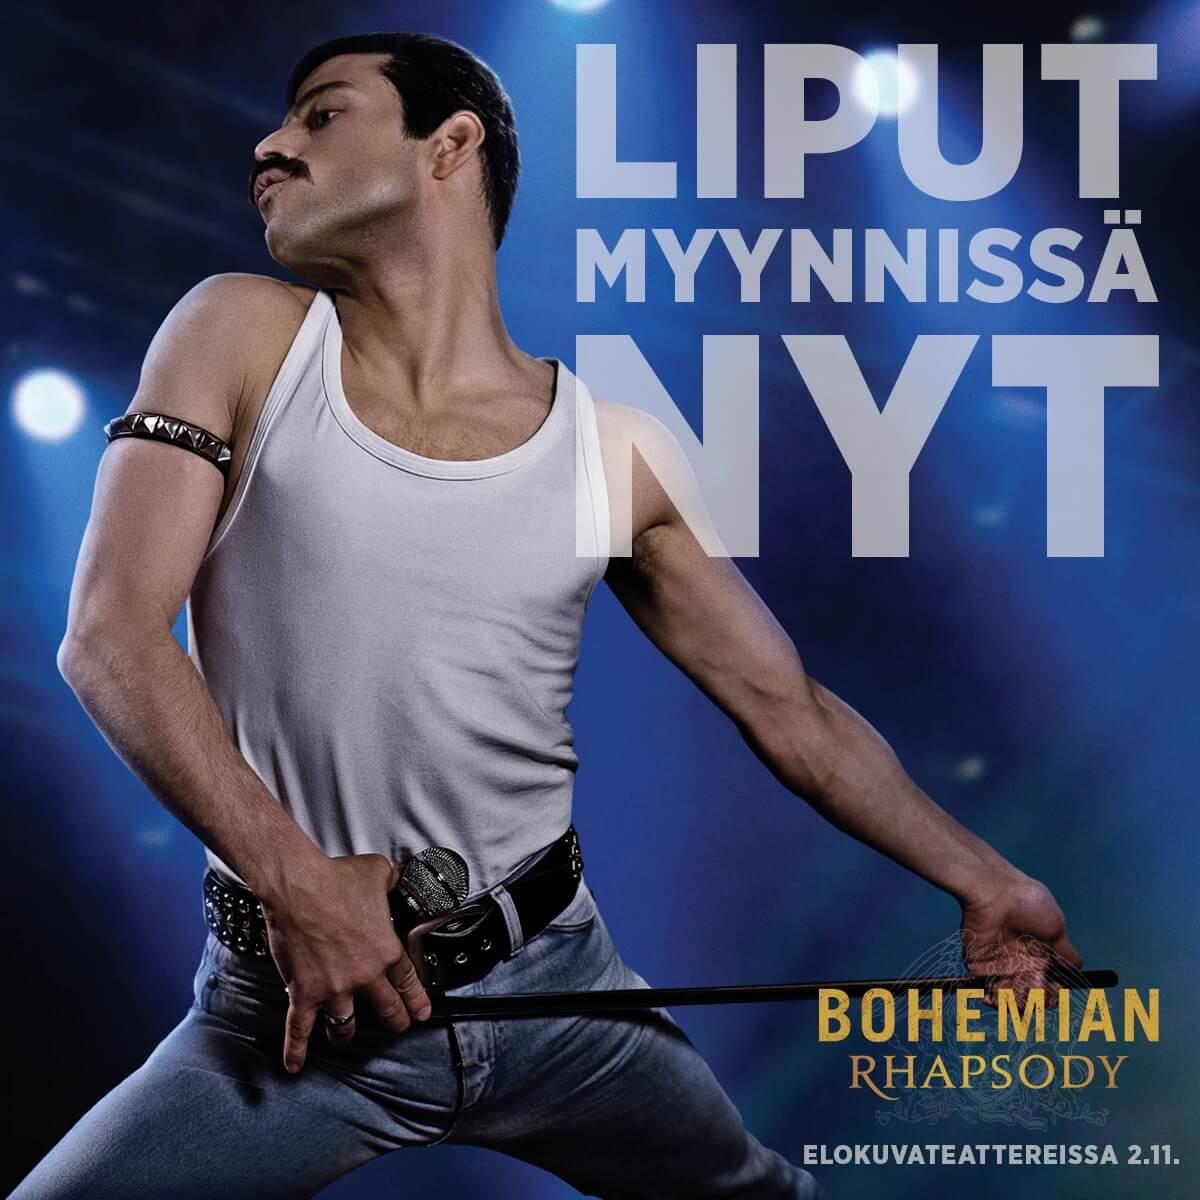 Syksyn elokuvatapaus BOHEMIAN RHAPSODY saa Suomen ensi-iltansa 2.11. – lippujen ennakkomyynti alkaa tänään